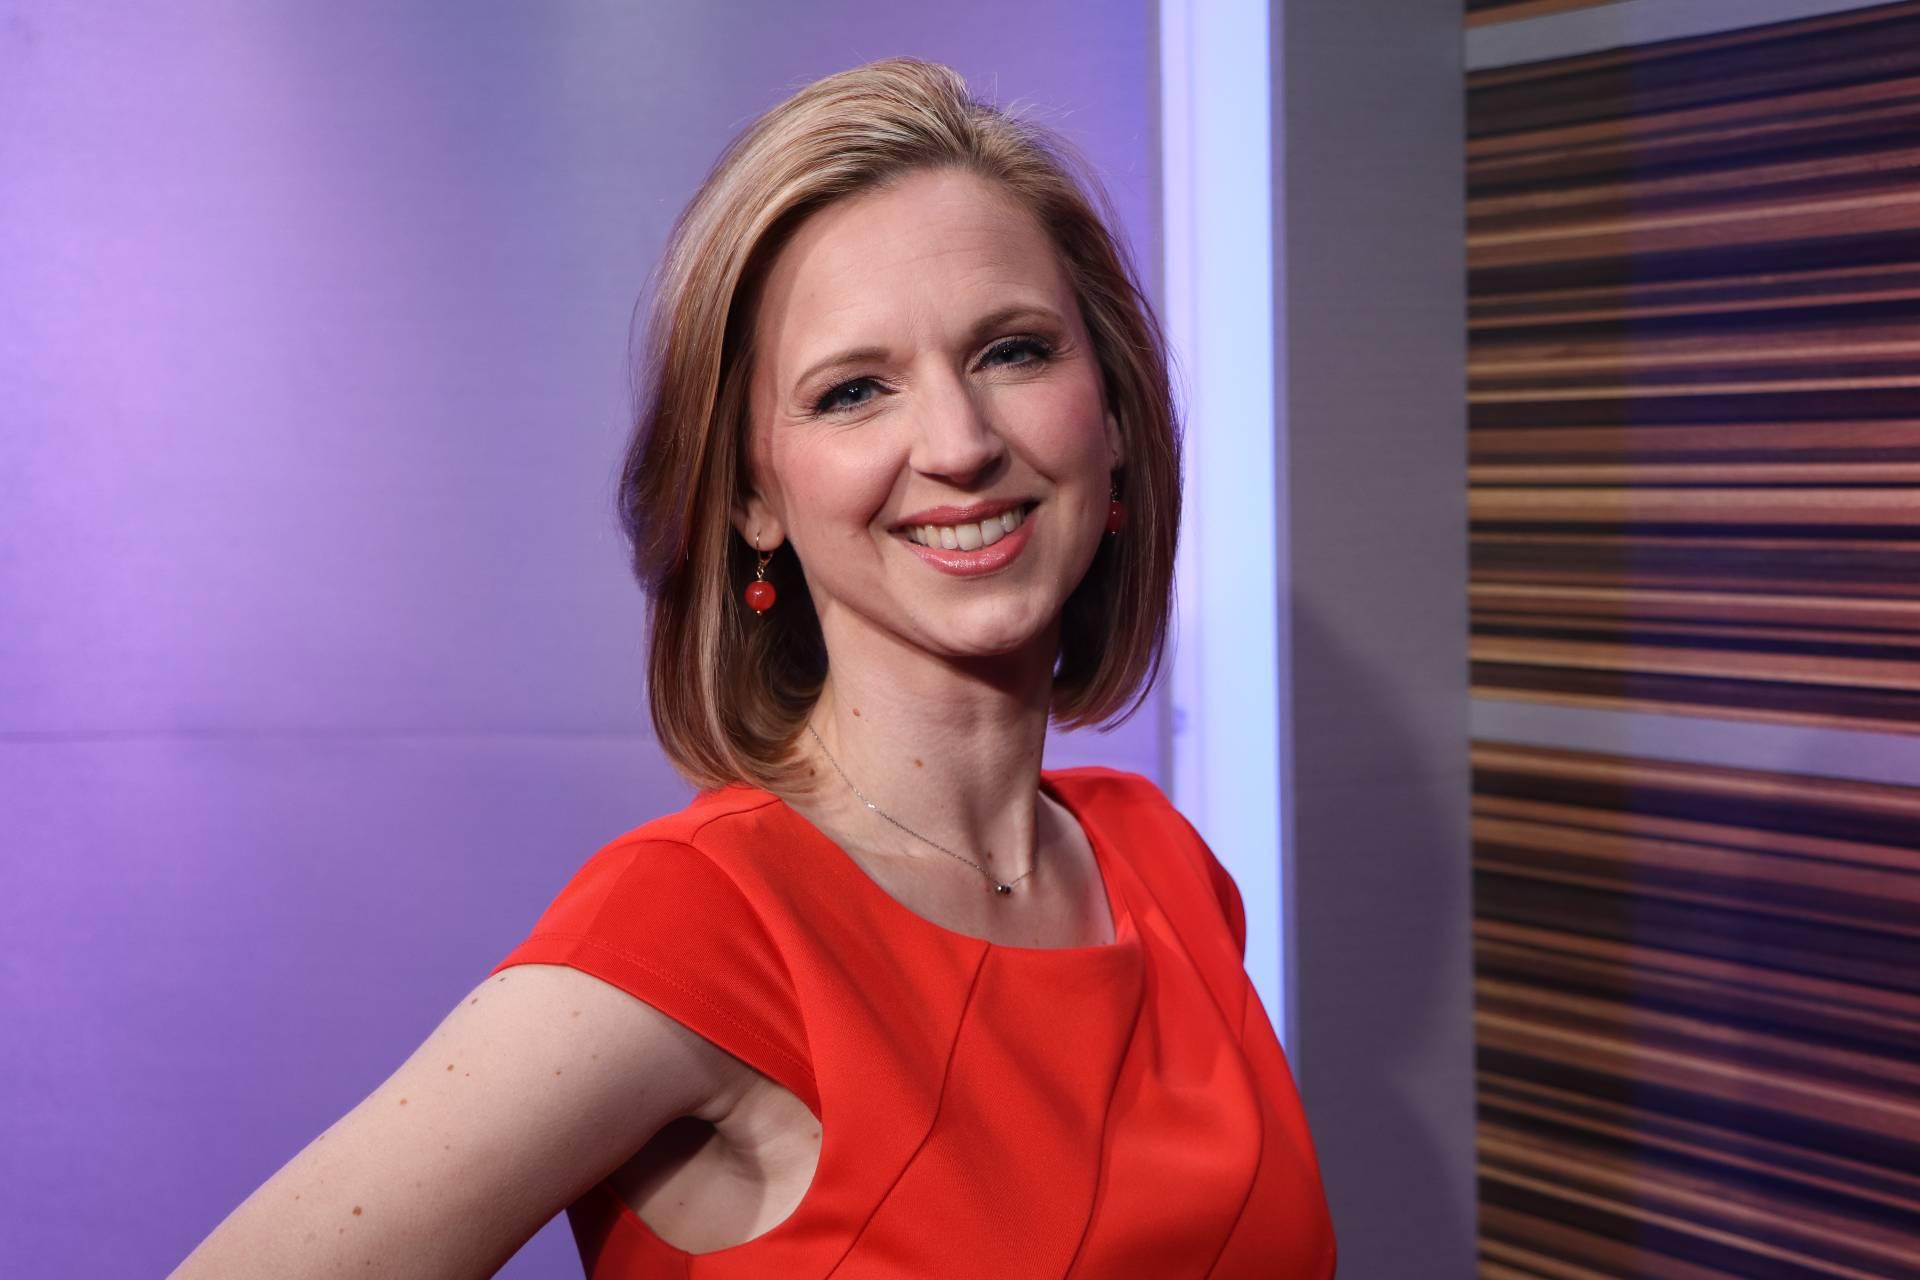 Katie Vossler